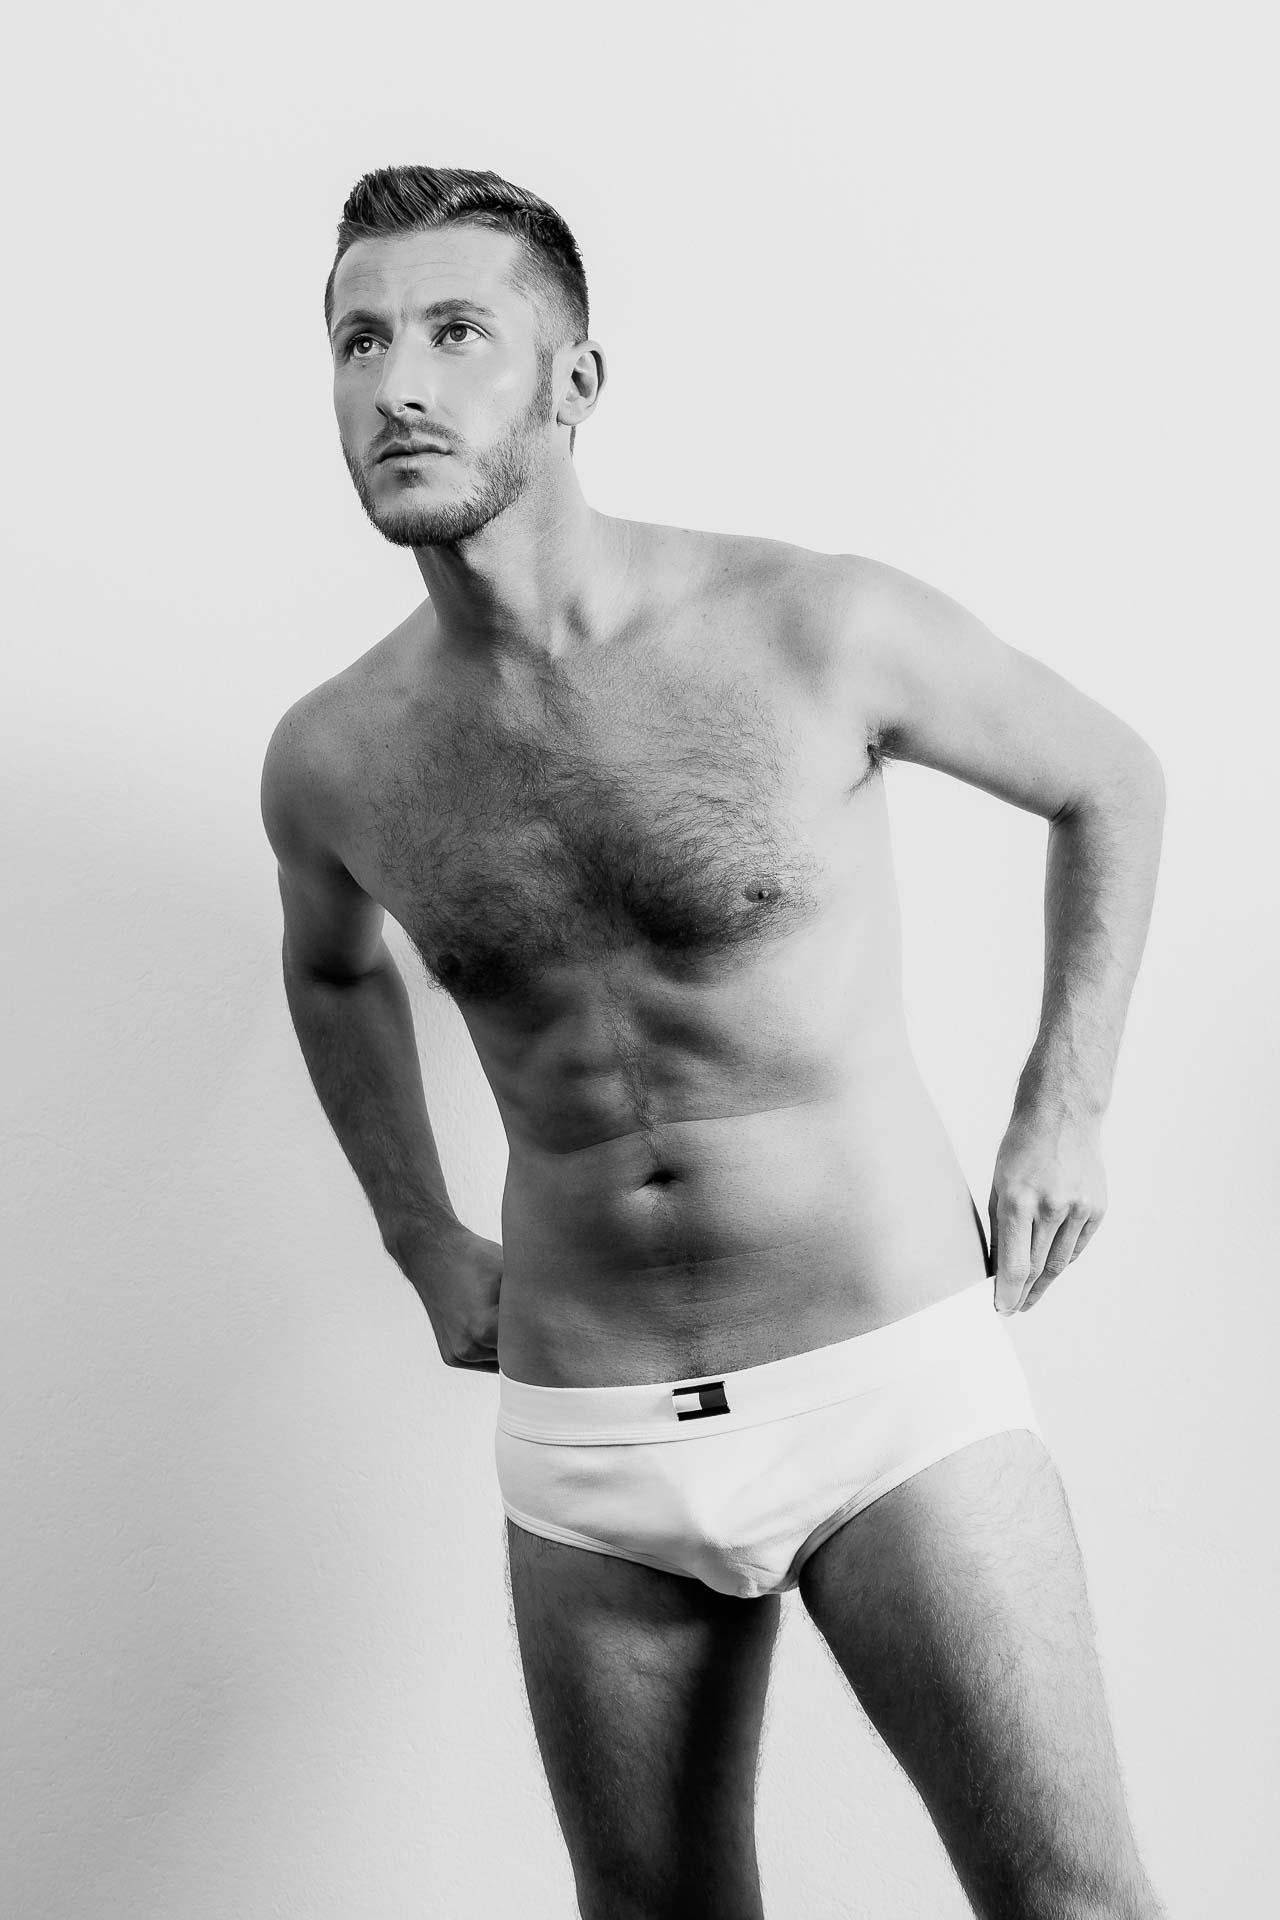 Mann in weißer Unterhose, erotisches Männerfot